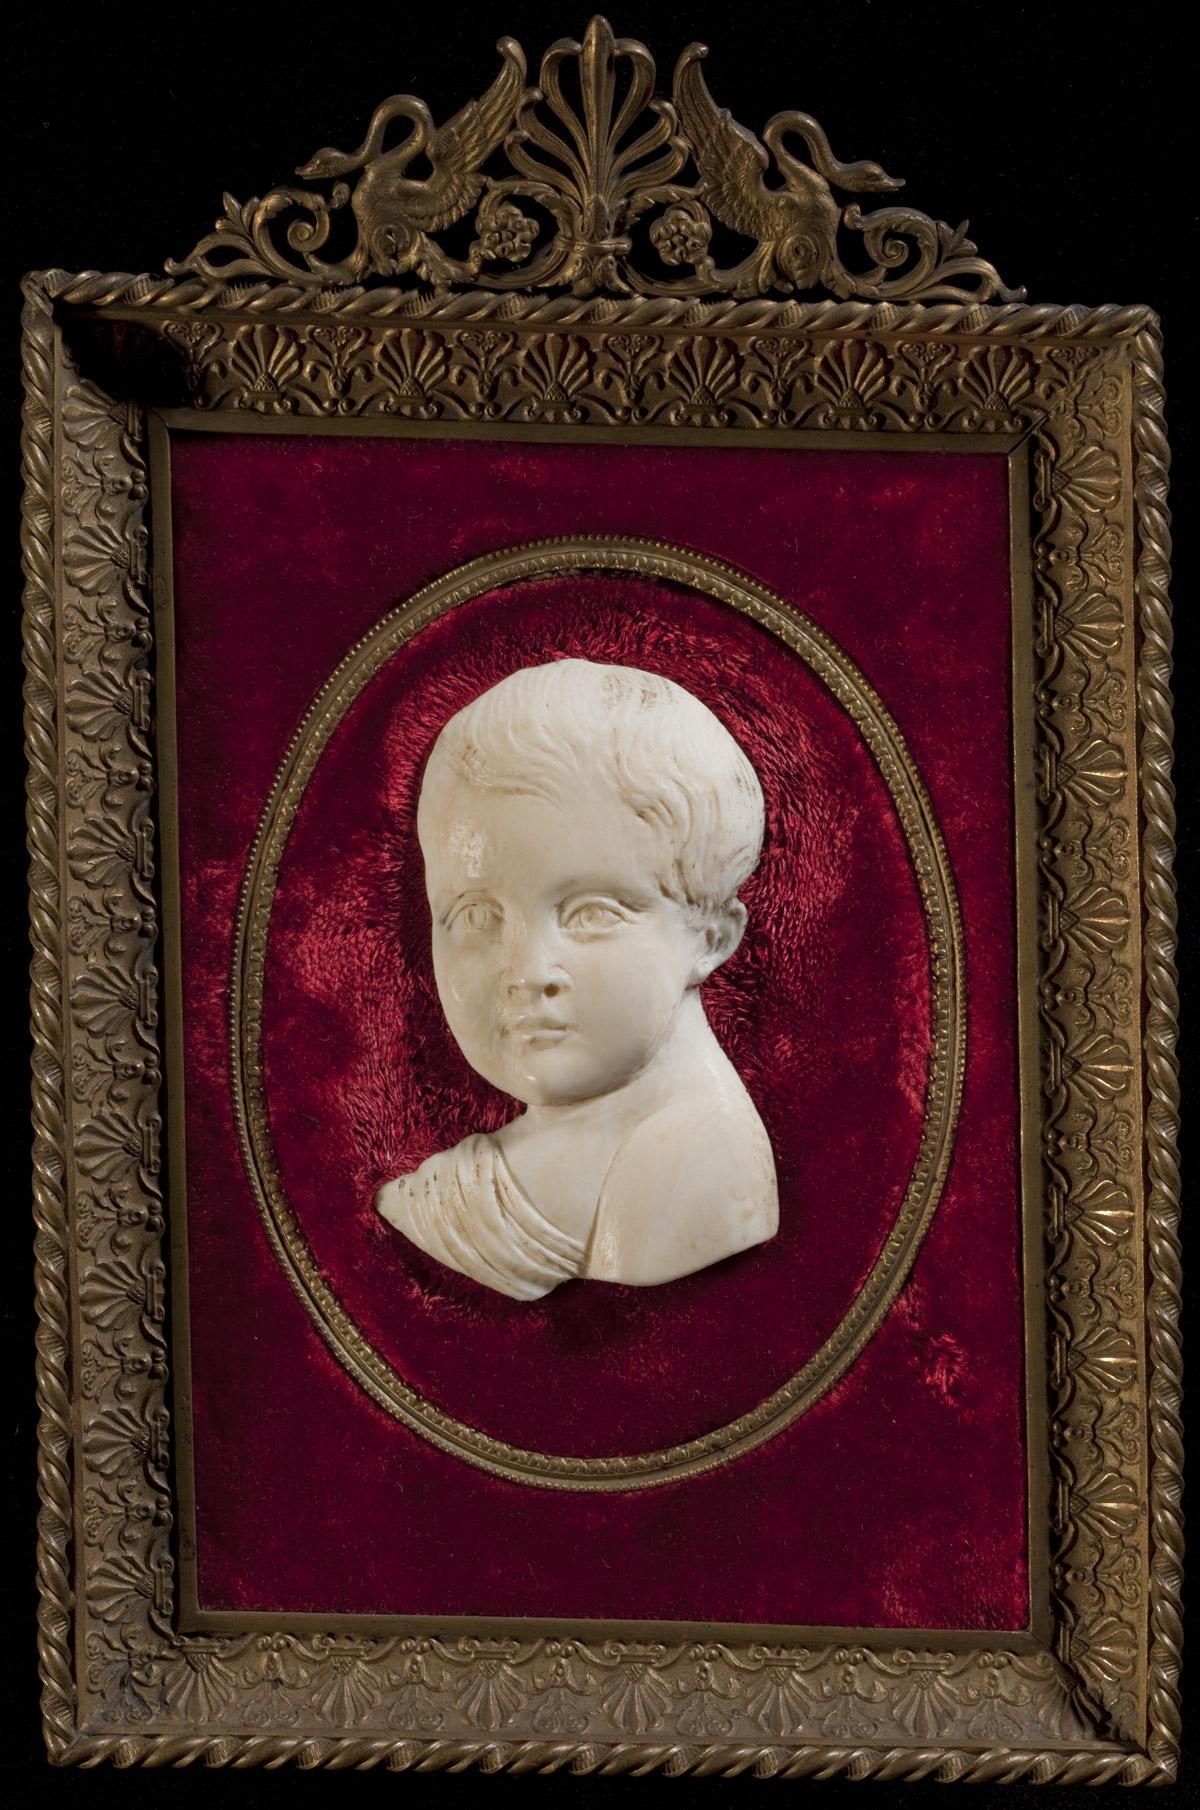 Portrait du Roi de Rome - Patrimoine Charles-André COLONNA WALEWSKI, en ligne directe de Napoléon